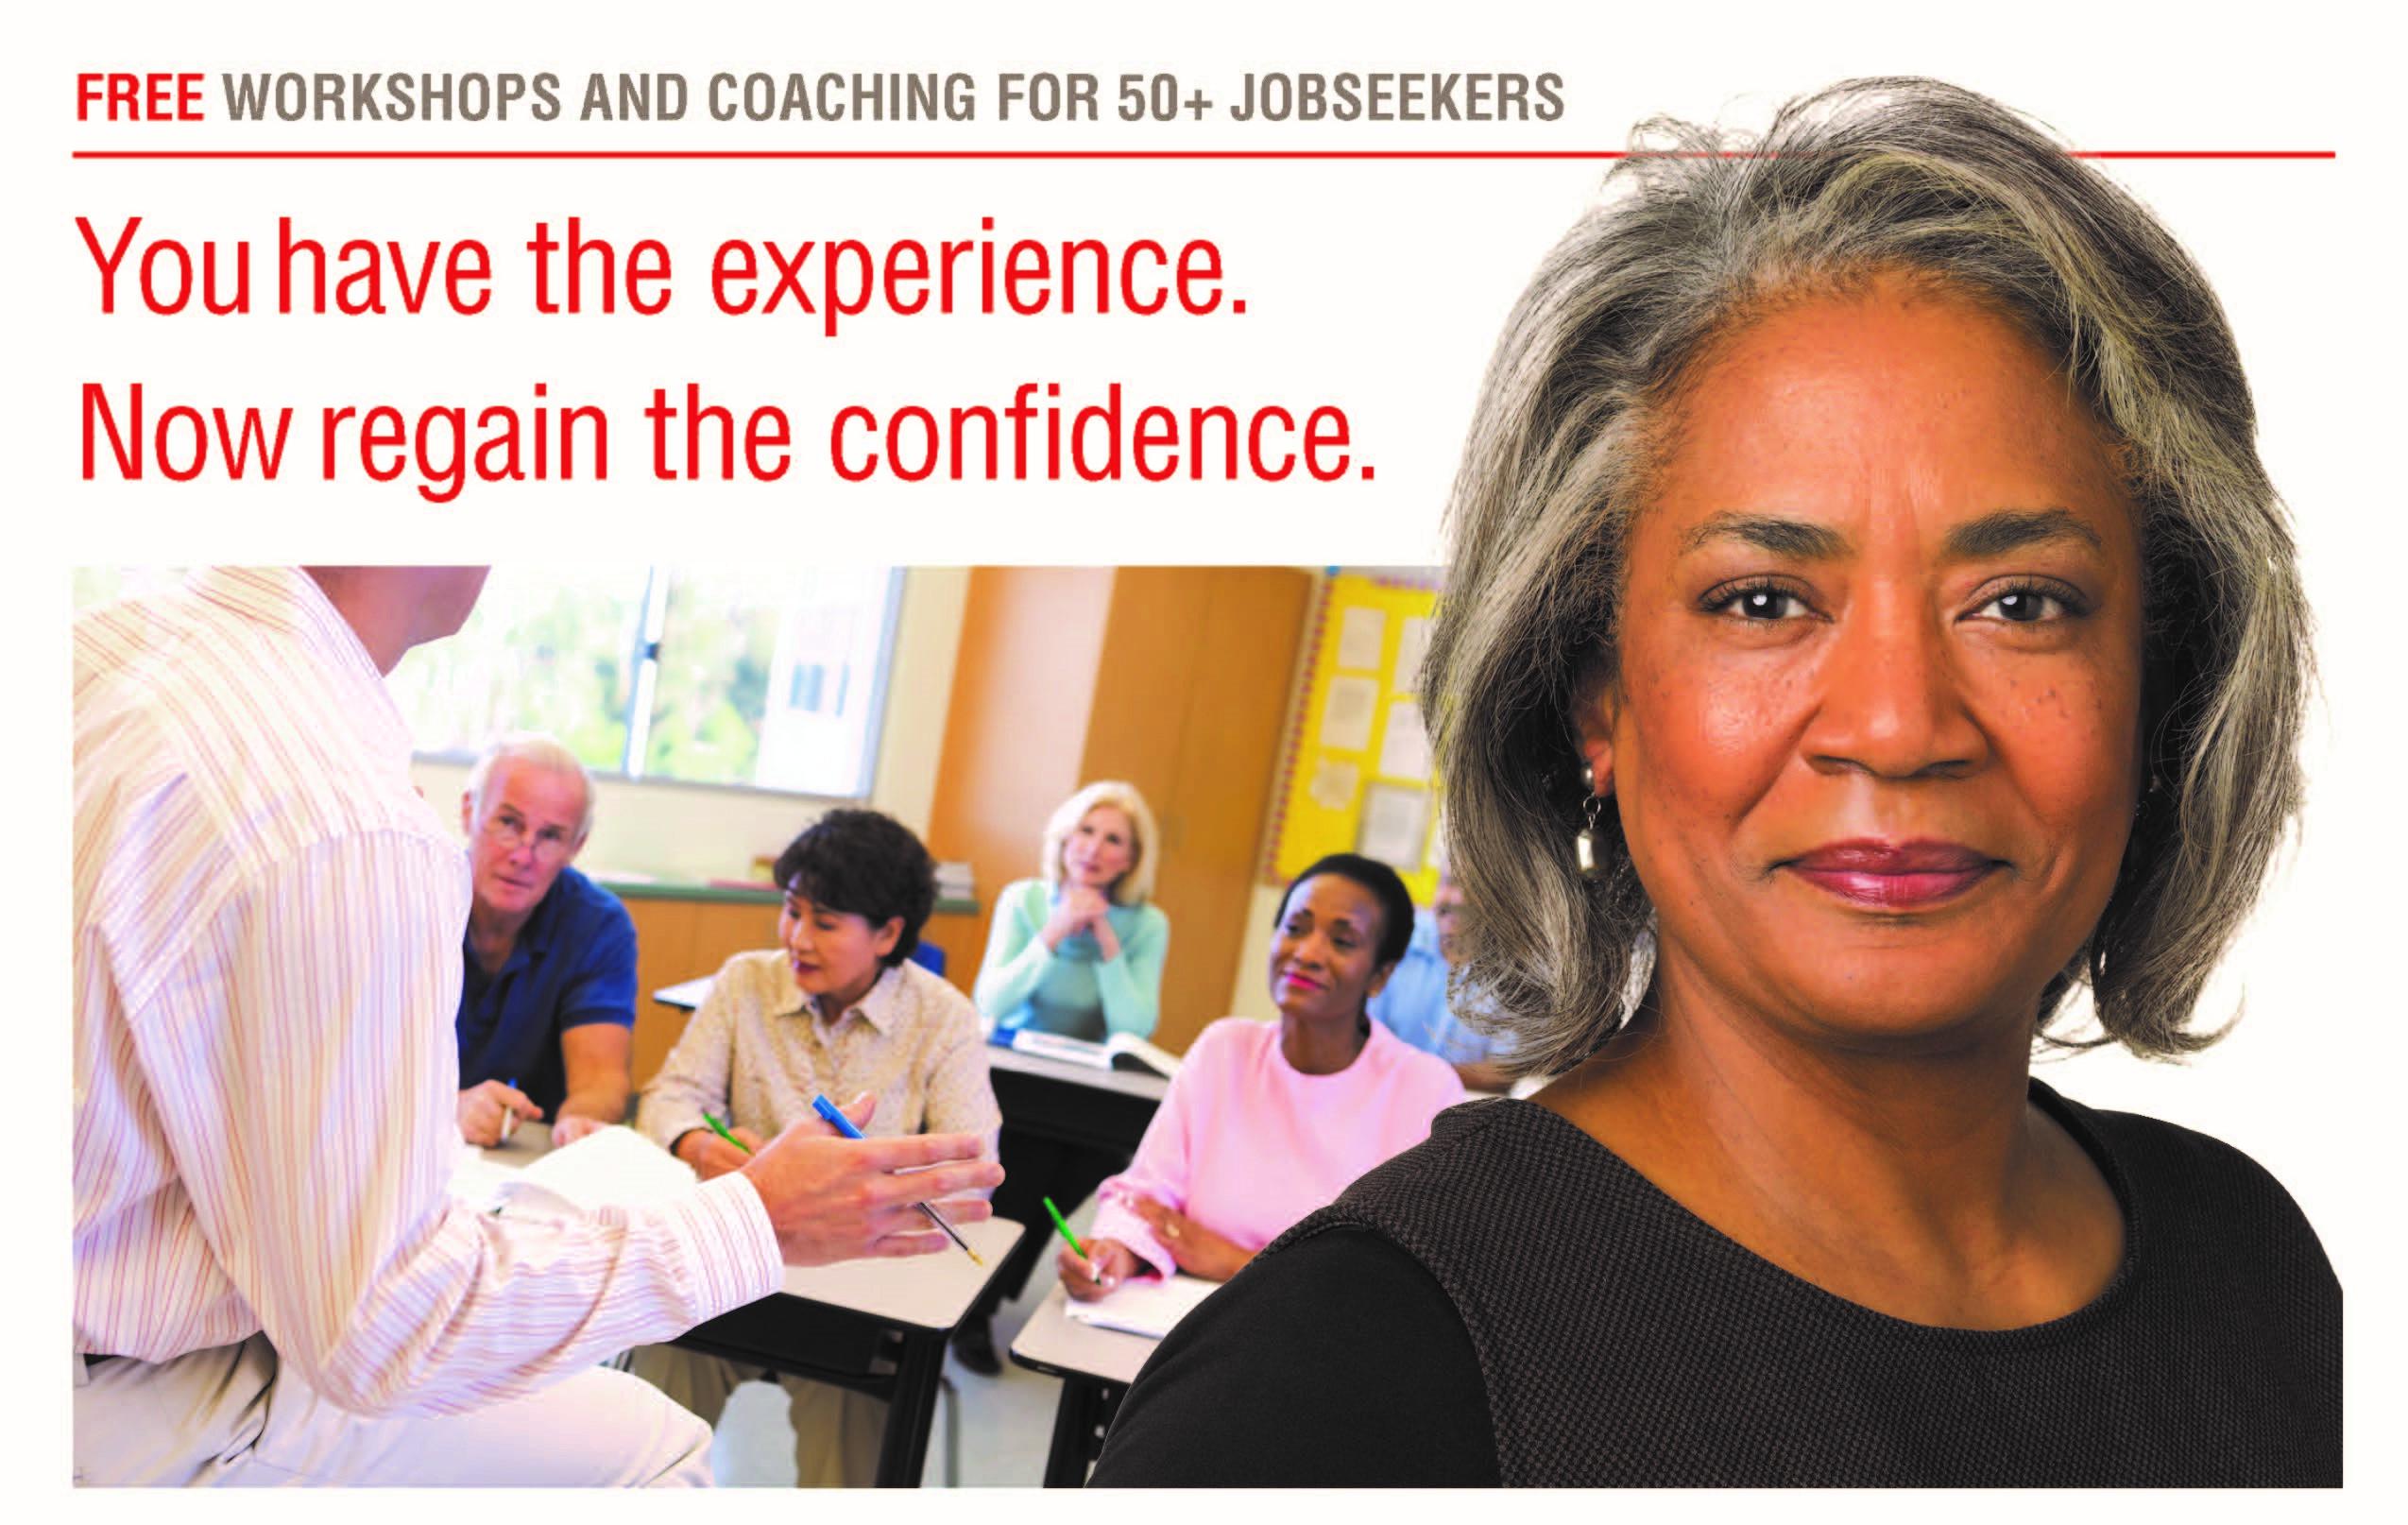 Free workshops for 50 plus job seekers - AARP Back to Work - CareerSource Brevard